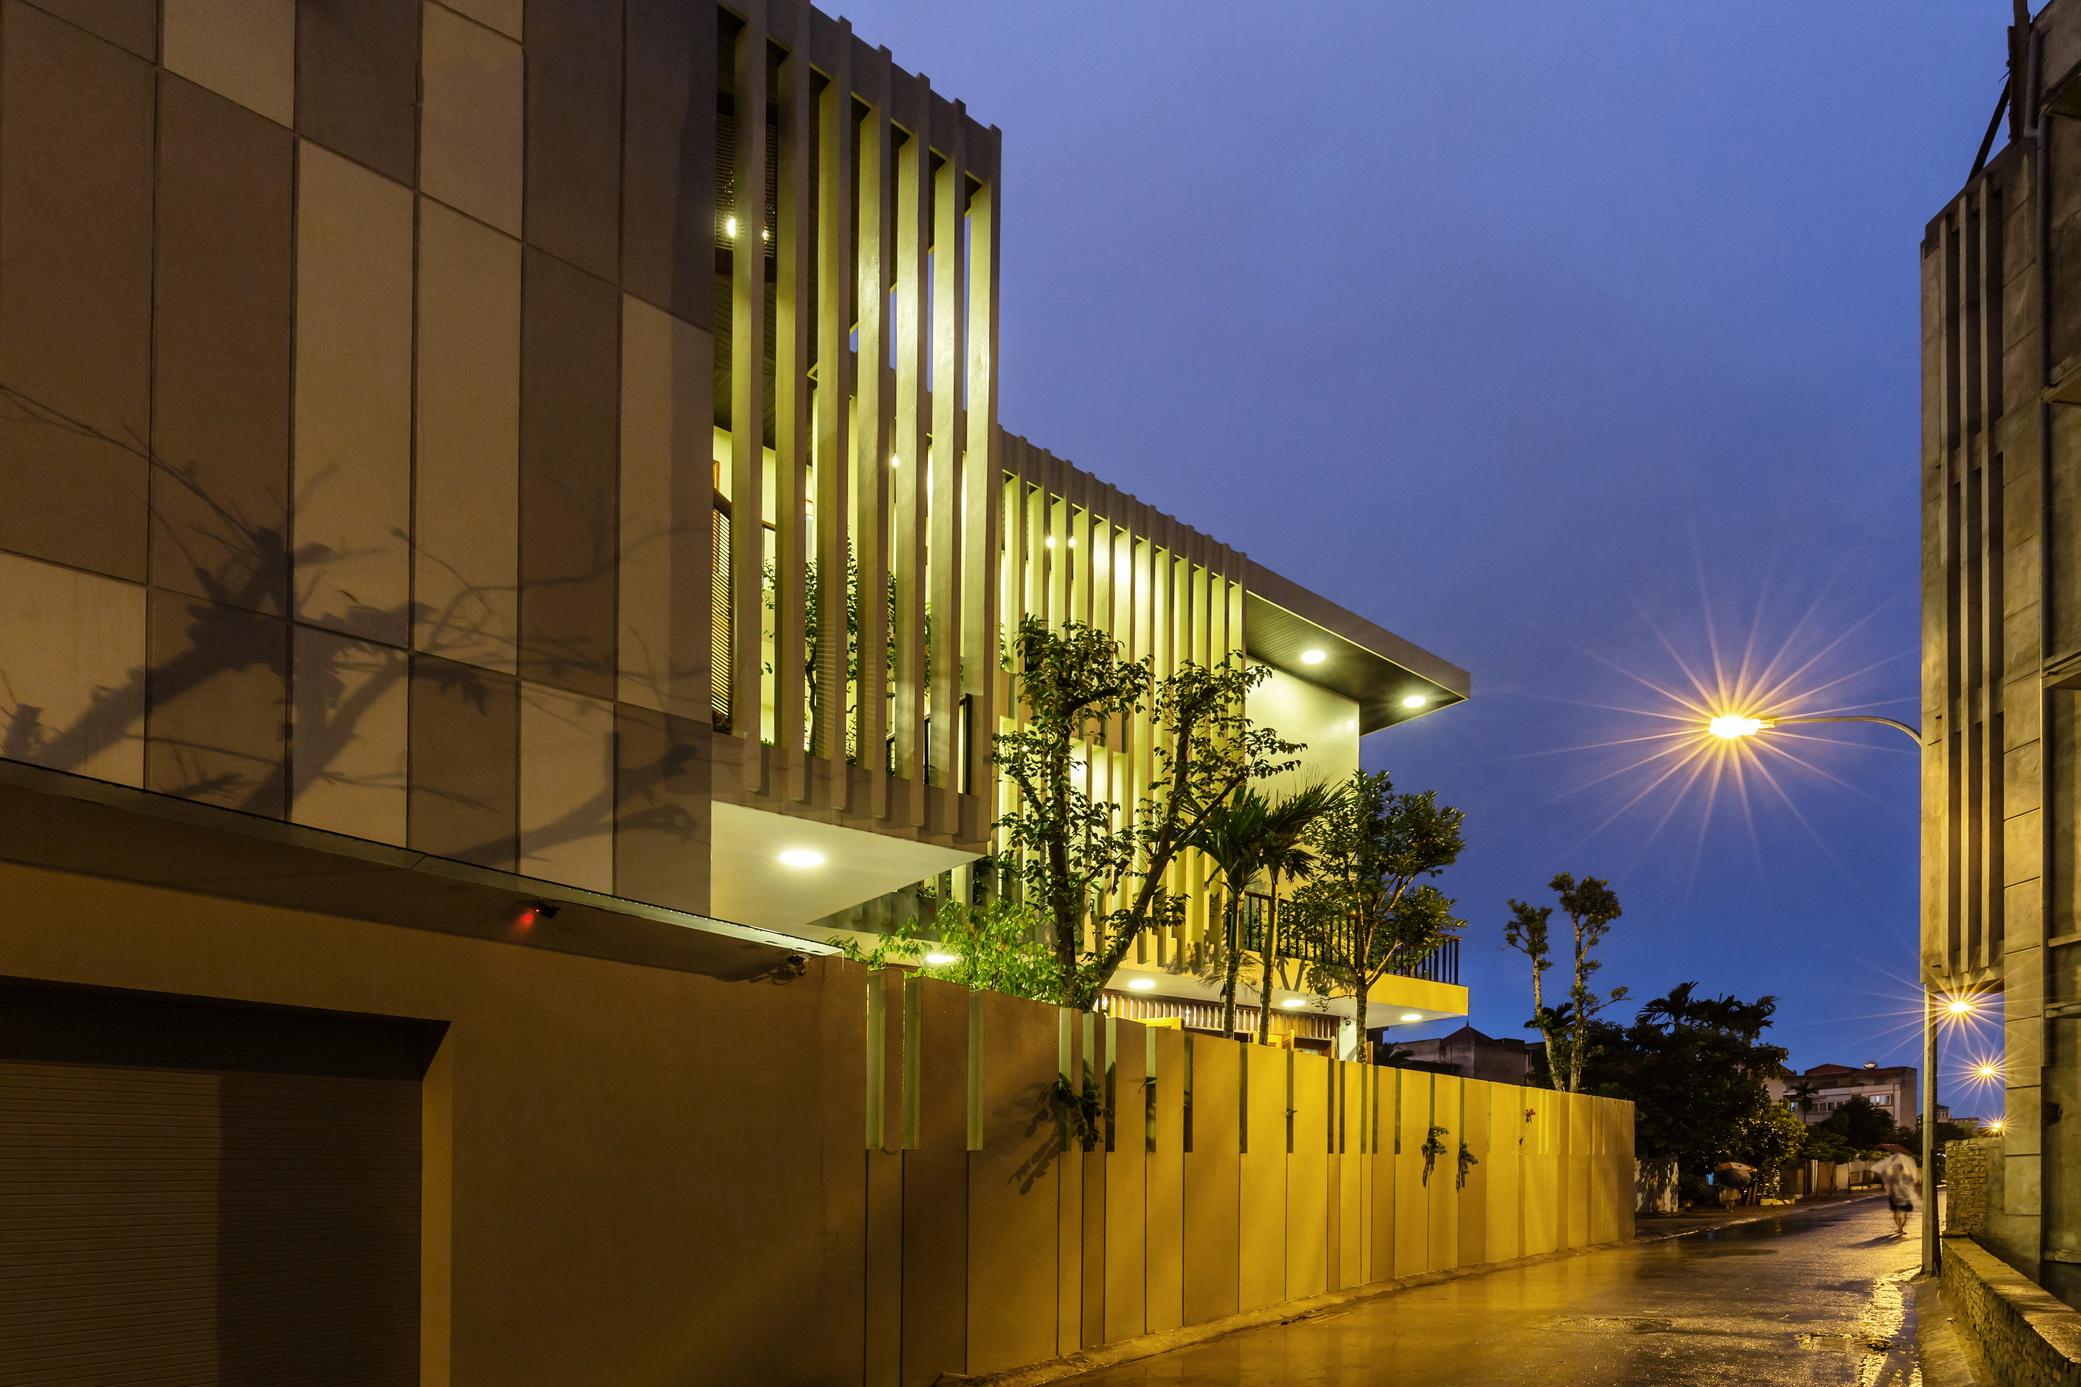 Biệt thự ba mặt tiền thiết kế sân vườn thoáng mát có khả năng điều chỉnh nhiệt độ